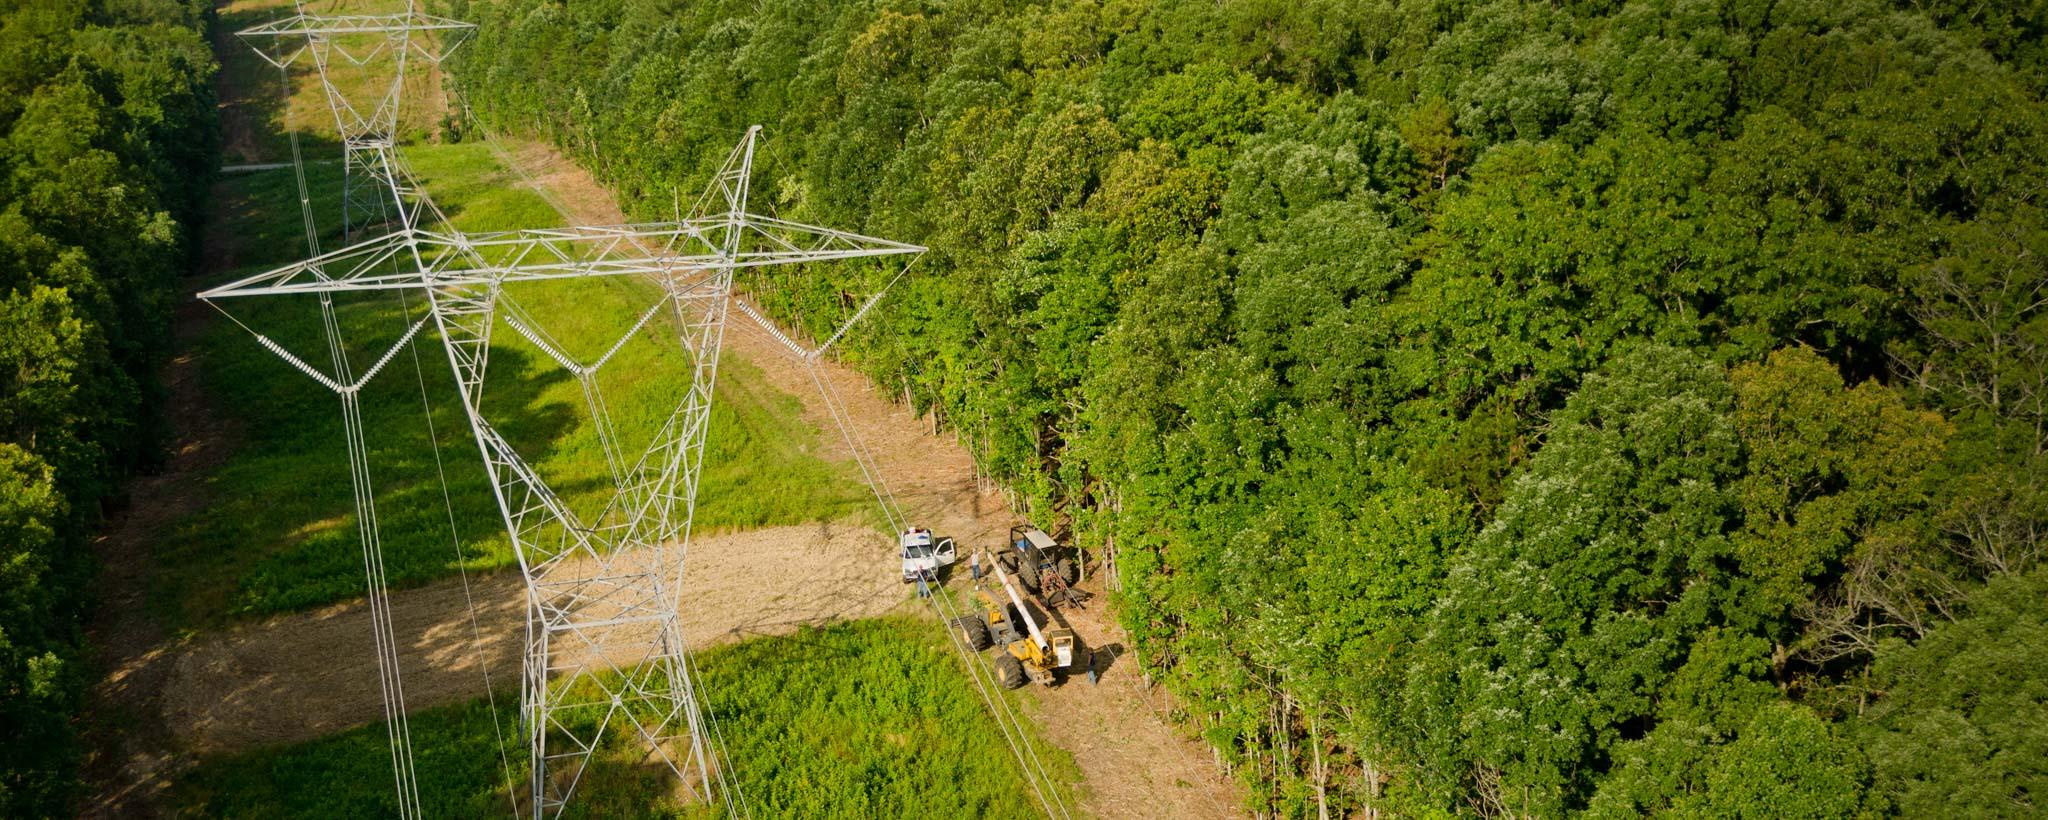 Transmission Line 101